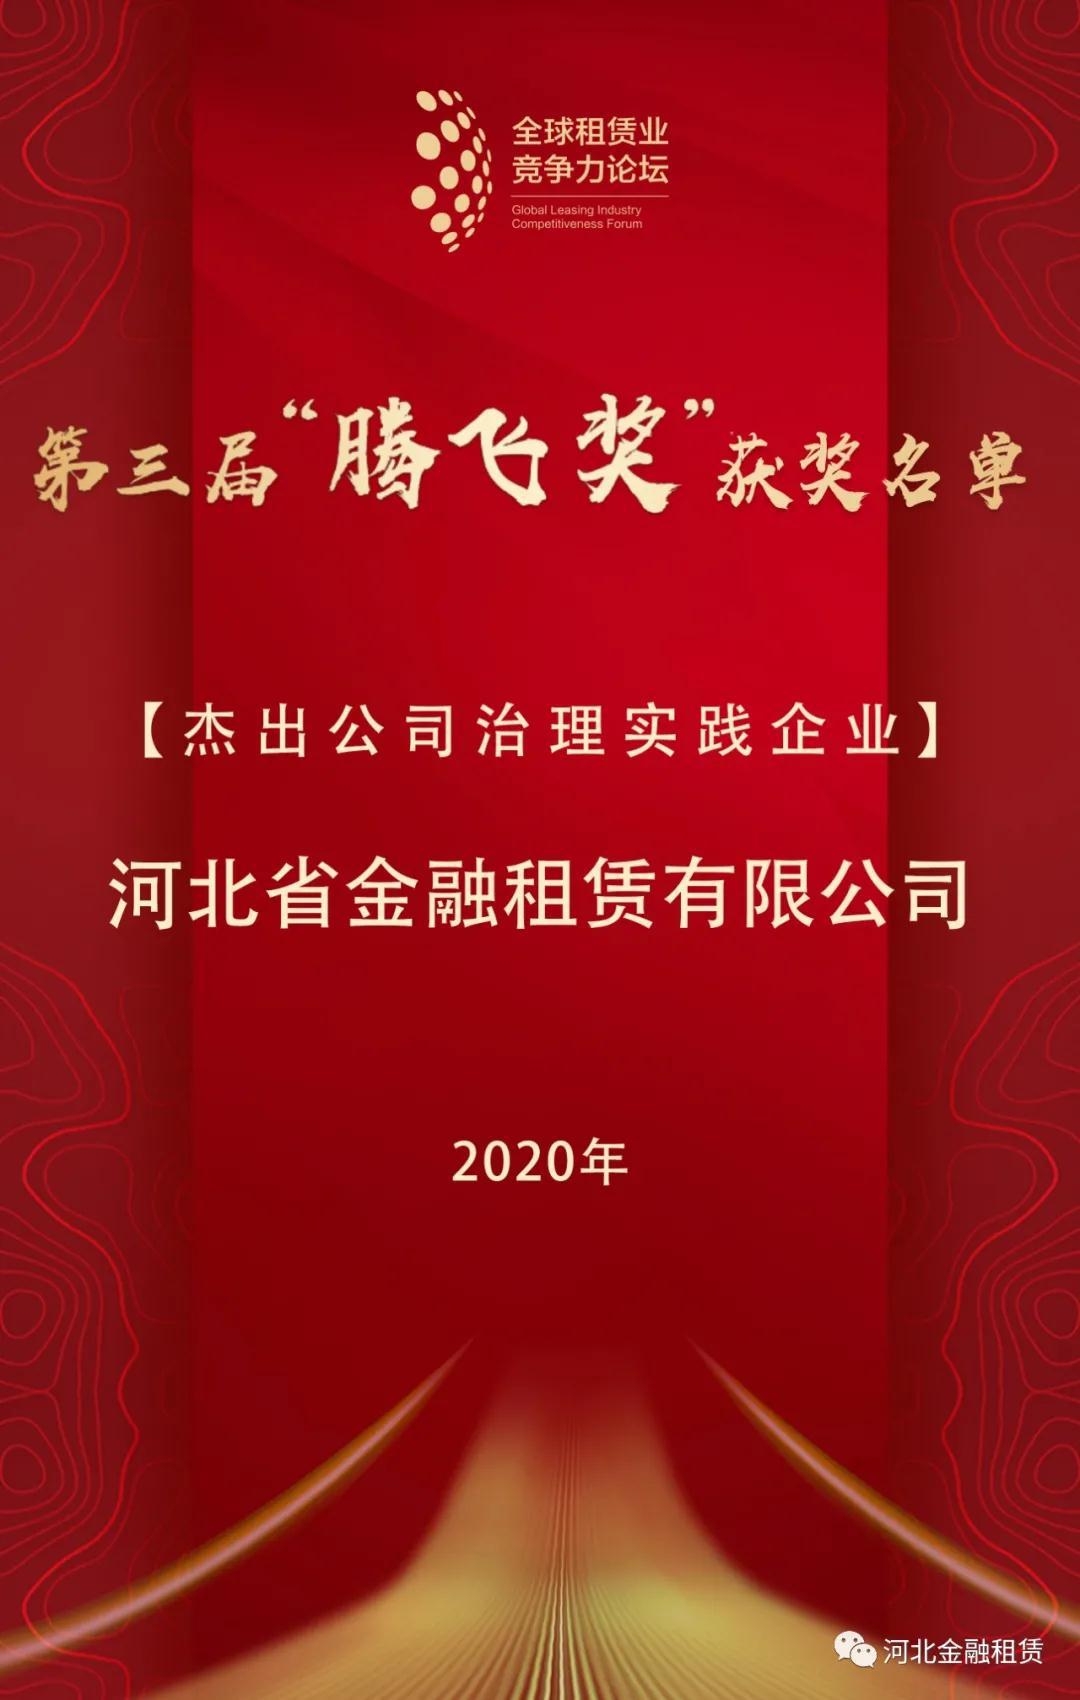 微信图片_20201106150344.jpg